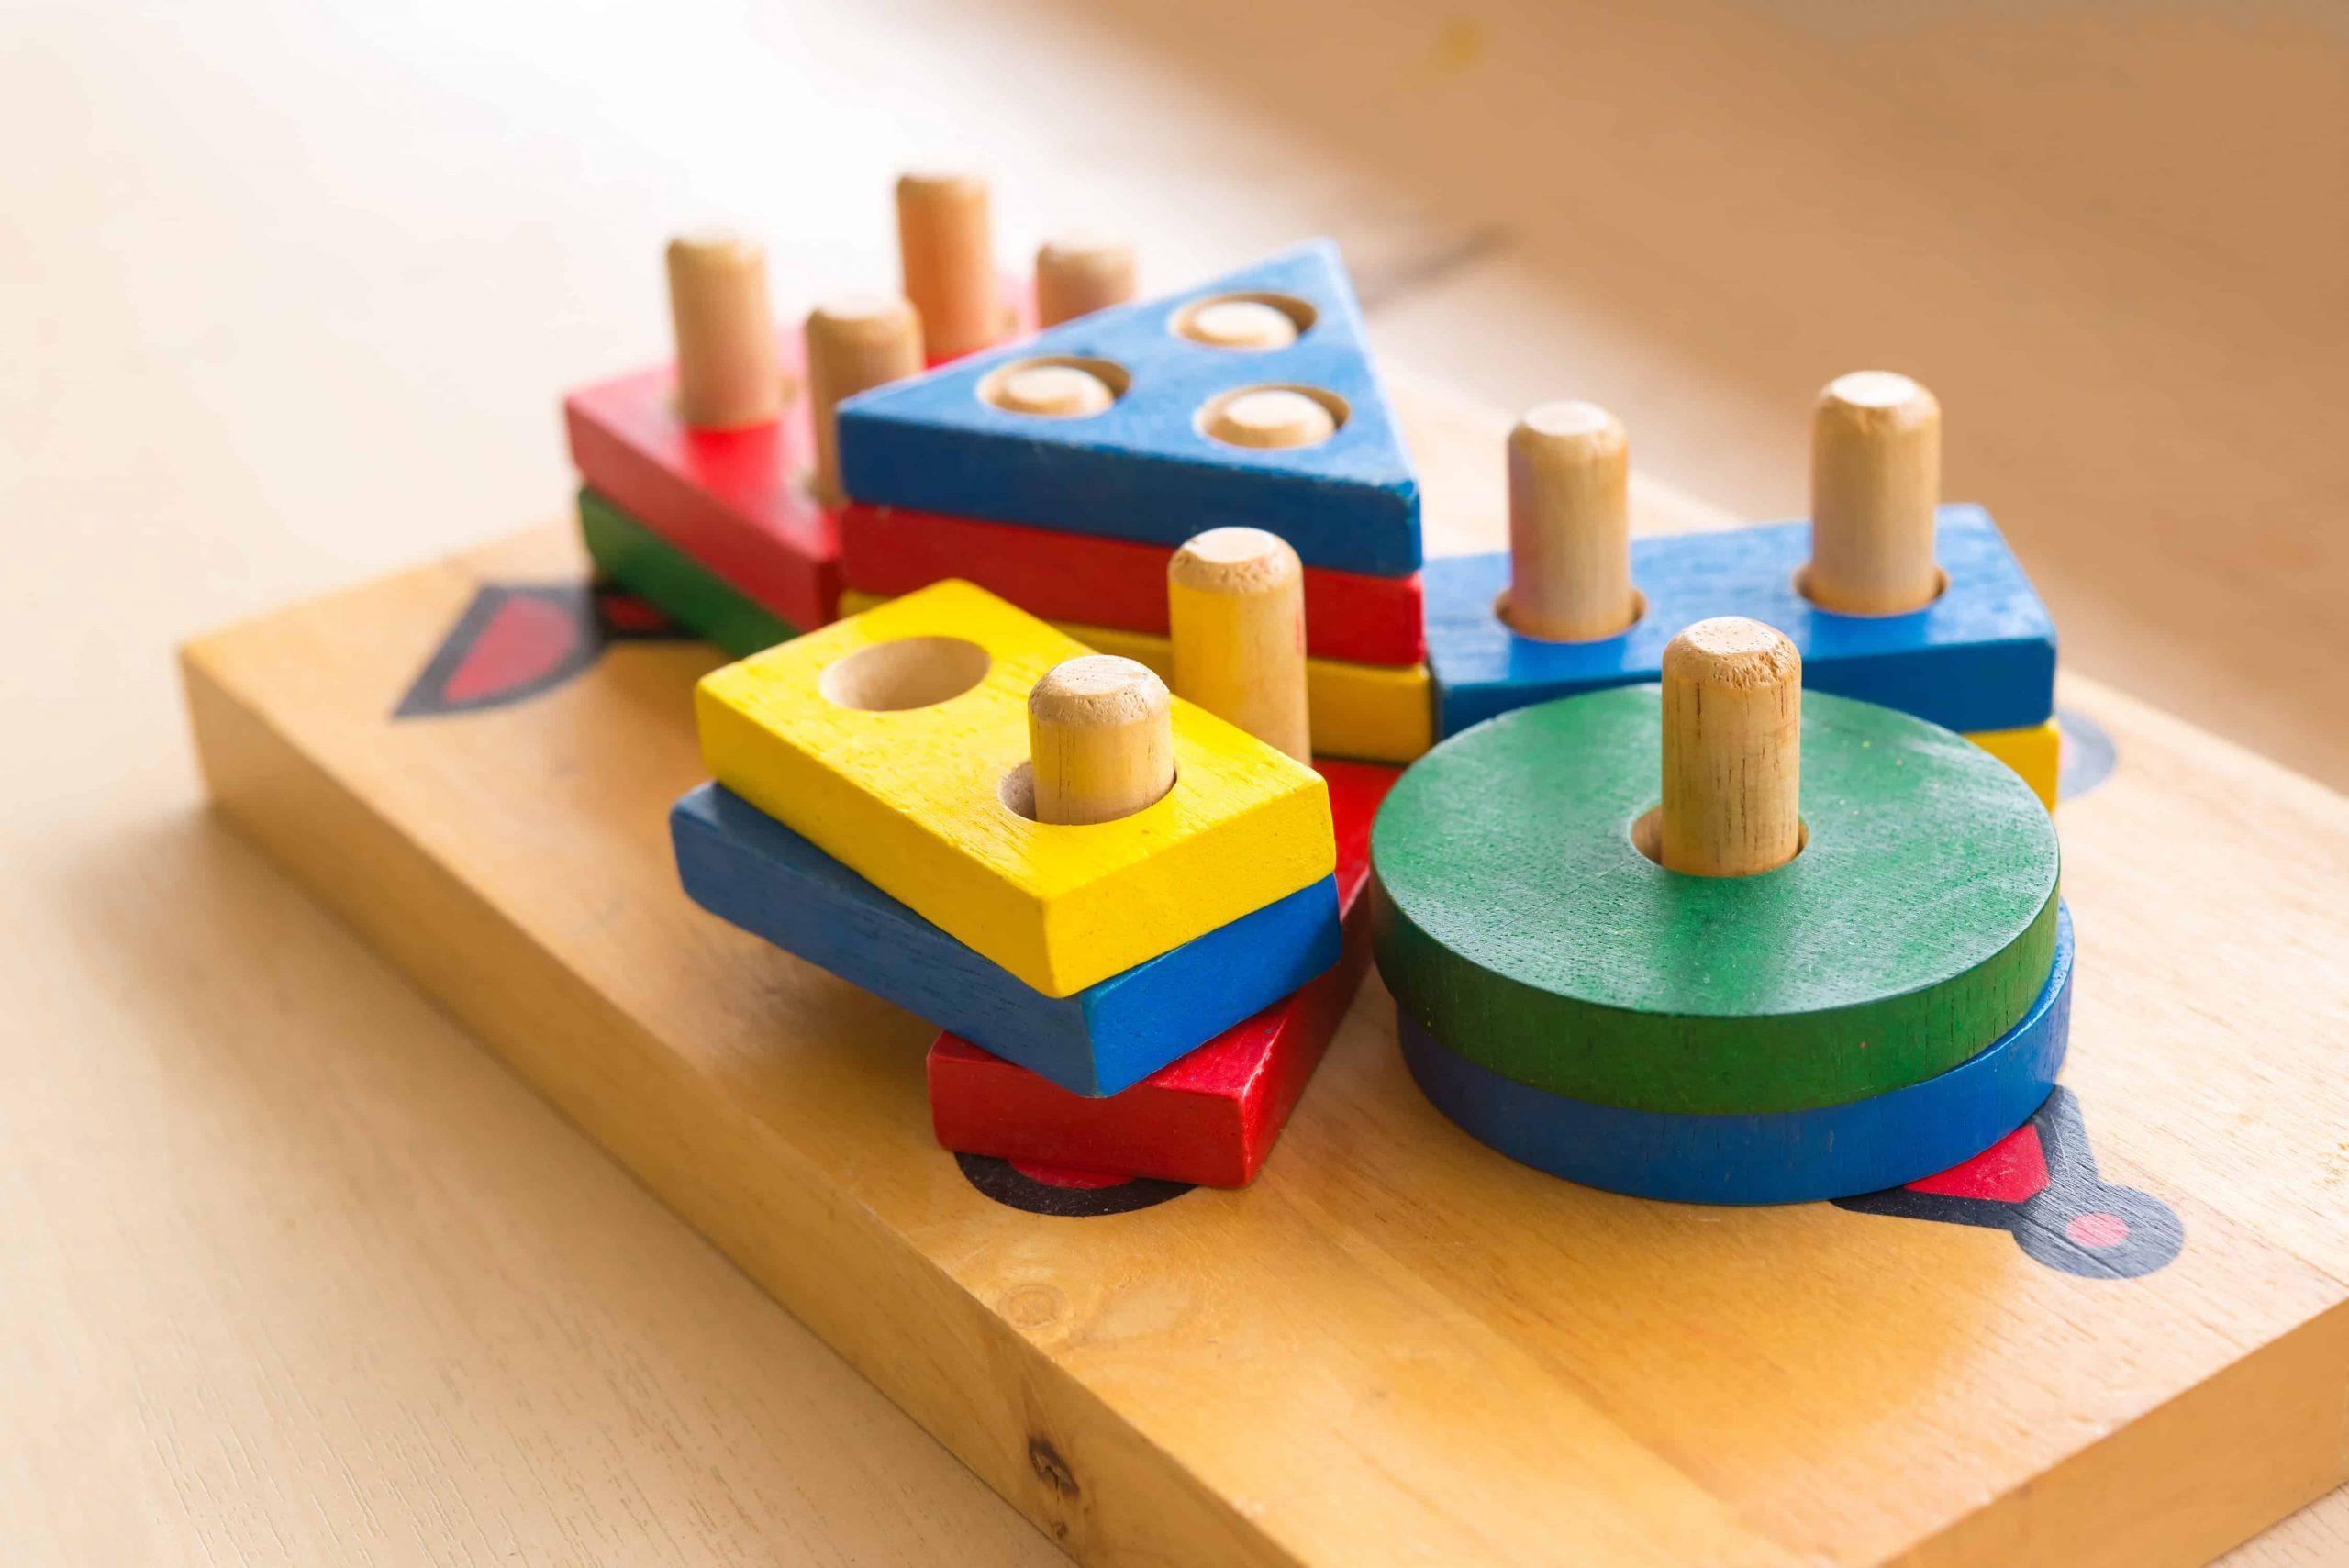 Holzspielzeug: Test & Empfehlungen (02/21)